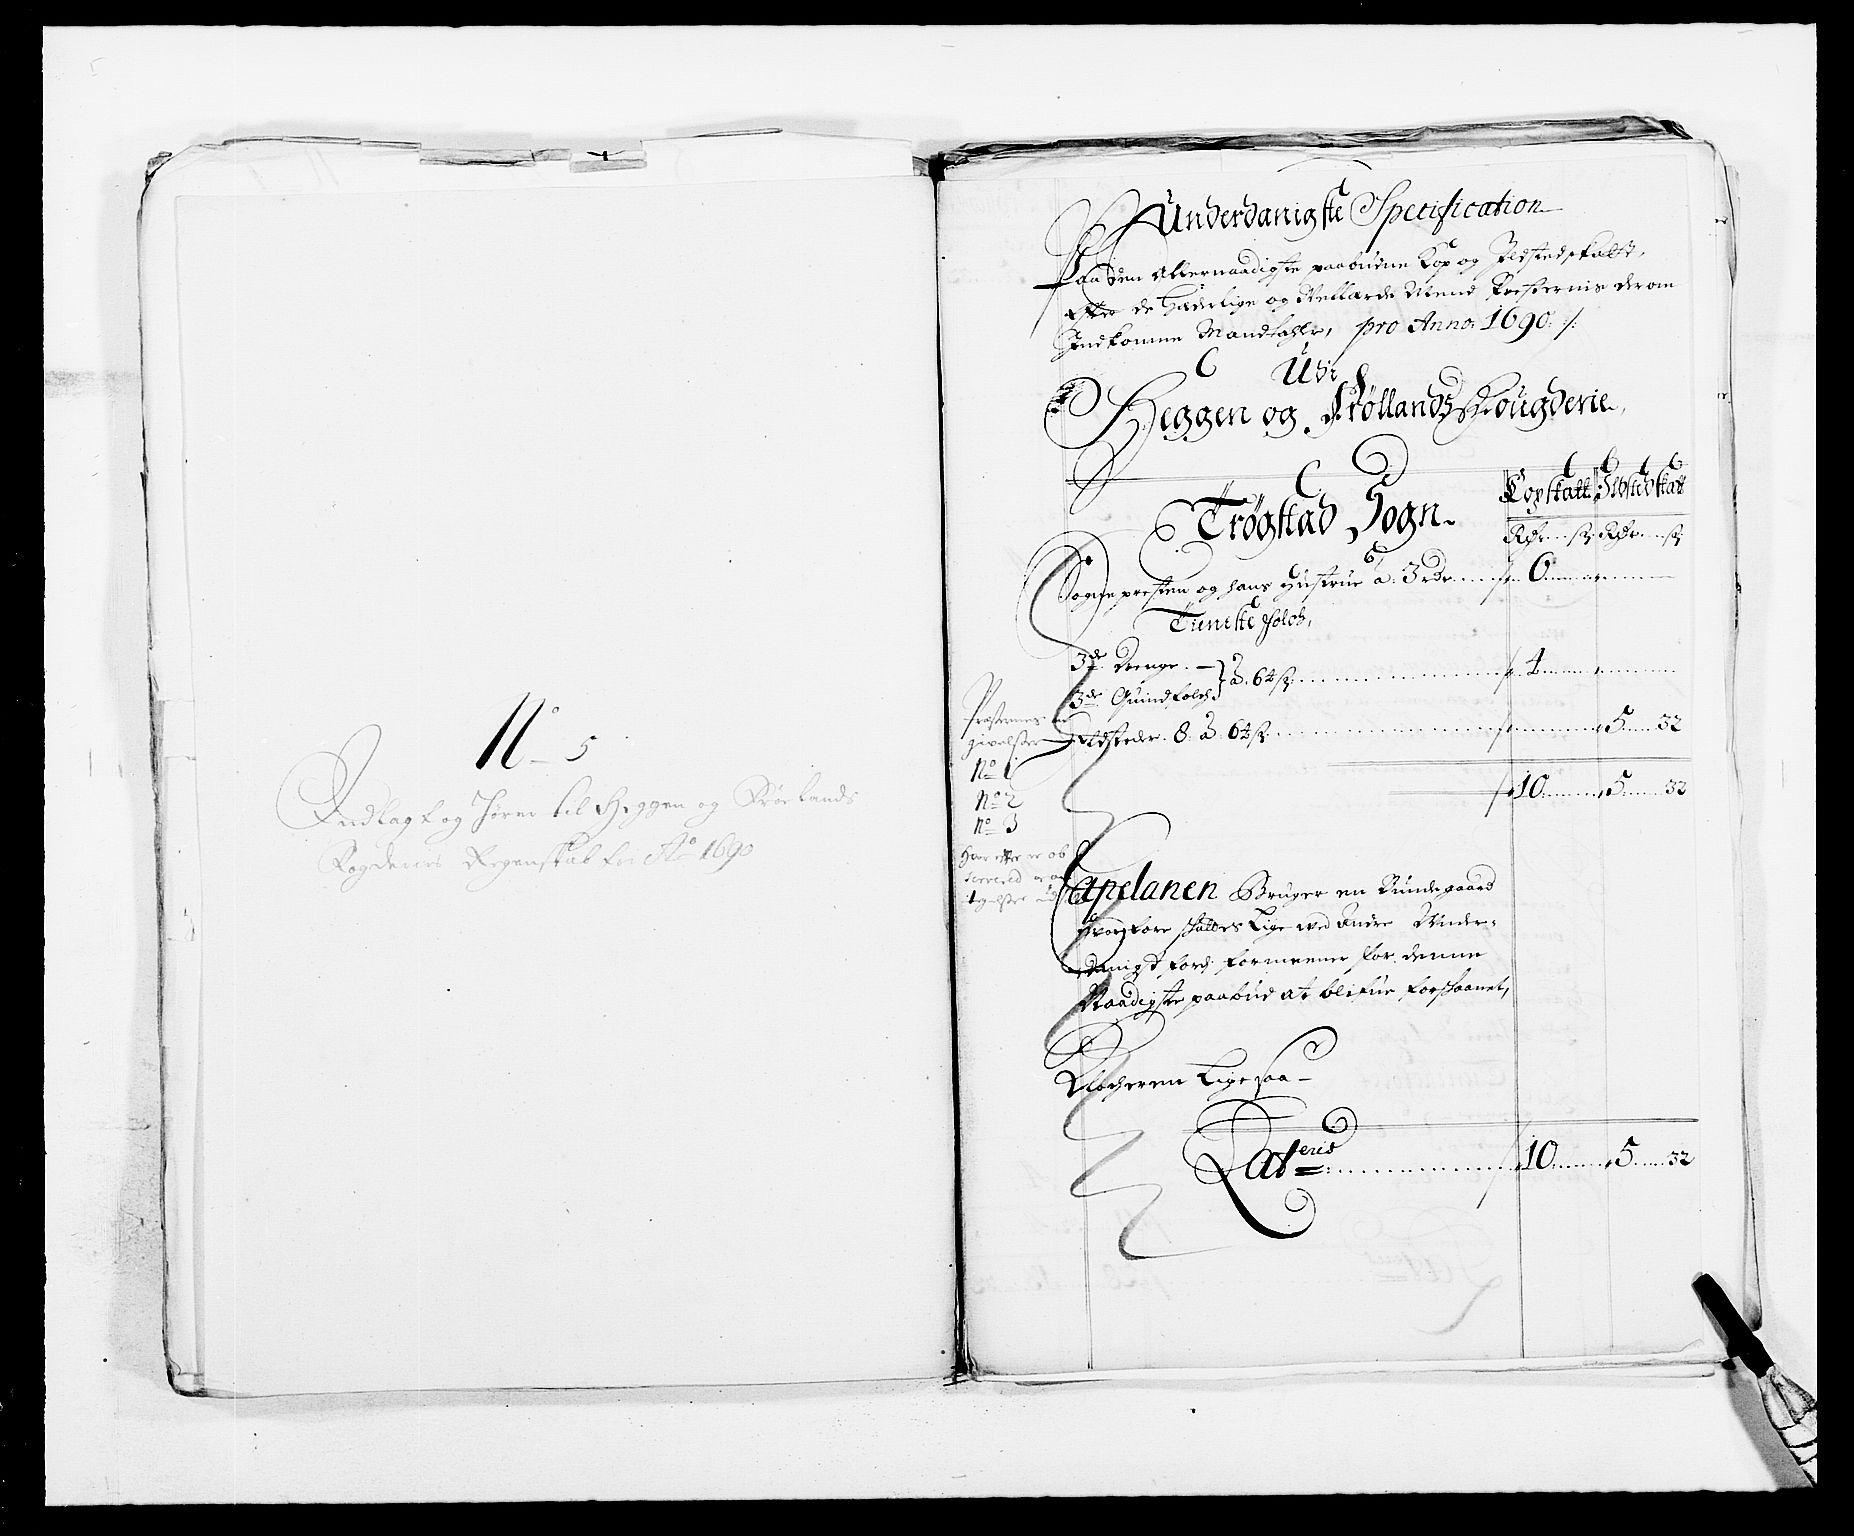 RA, Rentekammeret inntil 1814, Reviderte regnskaper, Fogderegnskap, R06/L0282: Fogderegnskap Heggen og Frøland, 1687-1690, s. 252